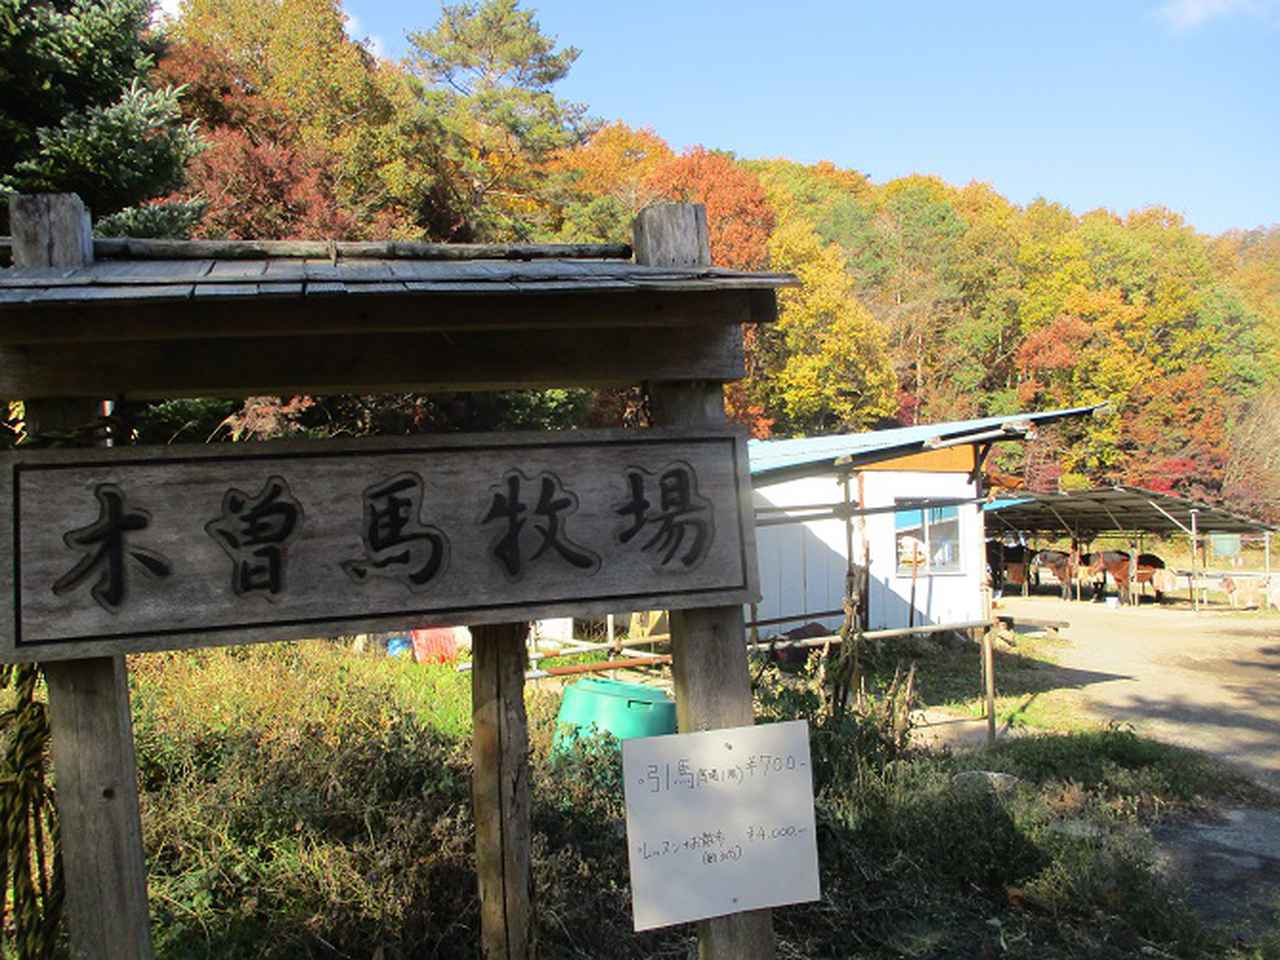 画像12: 岡田ガイドのハイキングコースで 青木ケ原樹海と三湖台 のコースに行ってきました♪